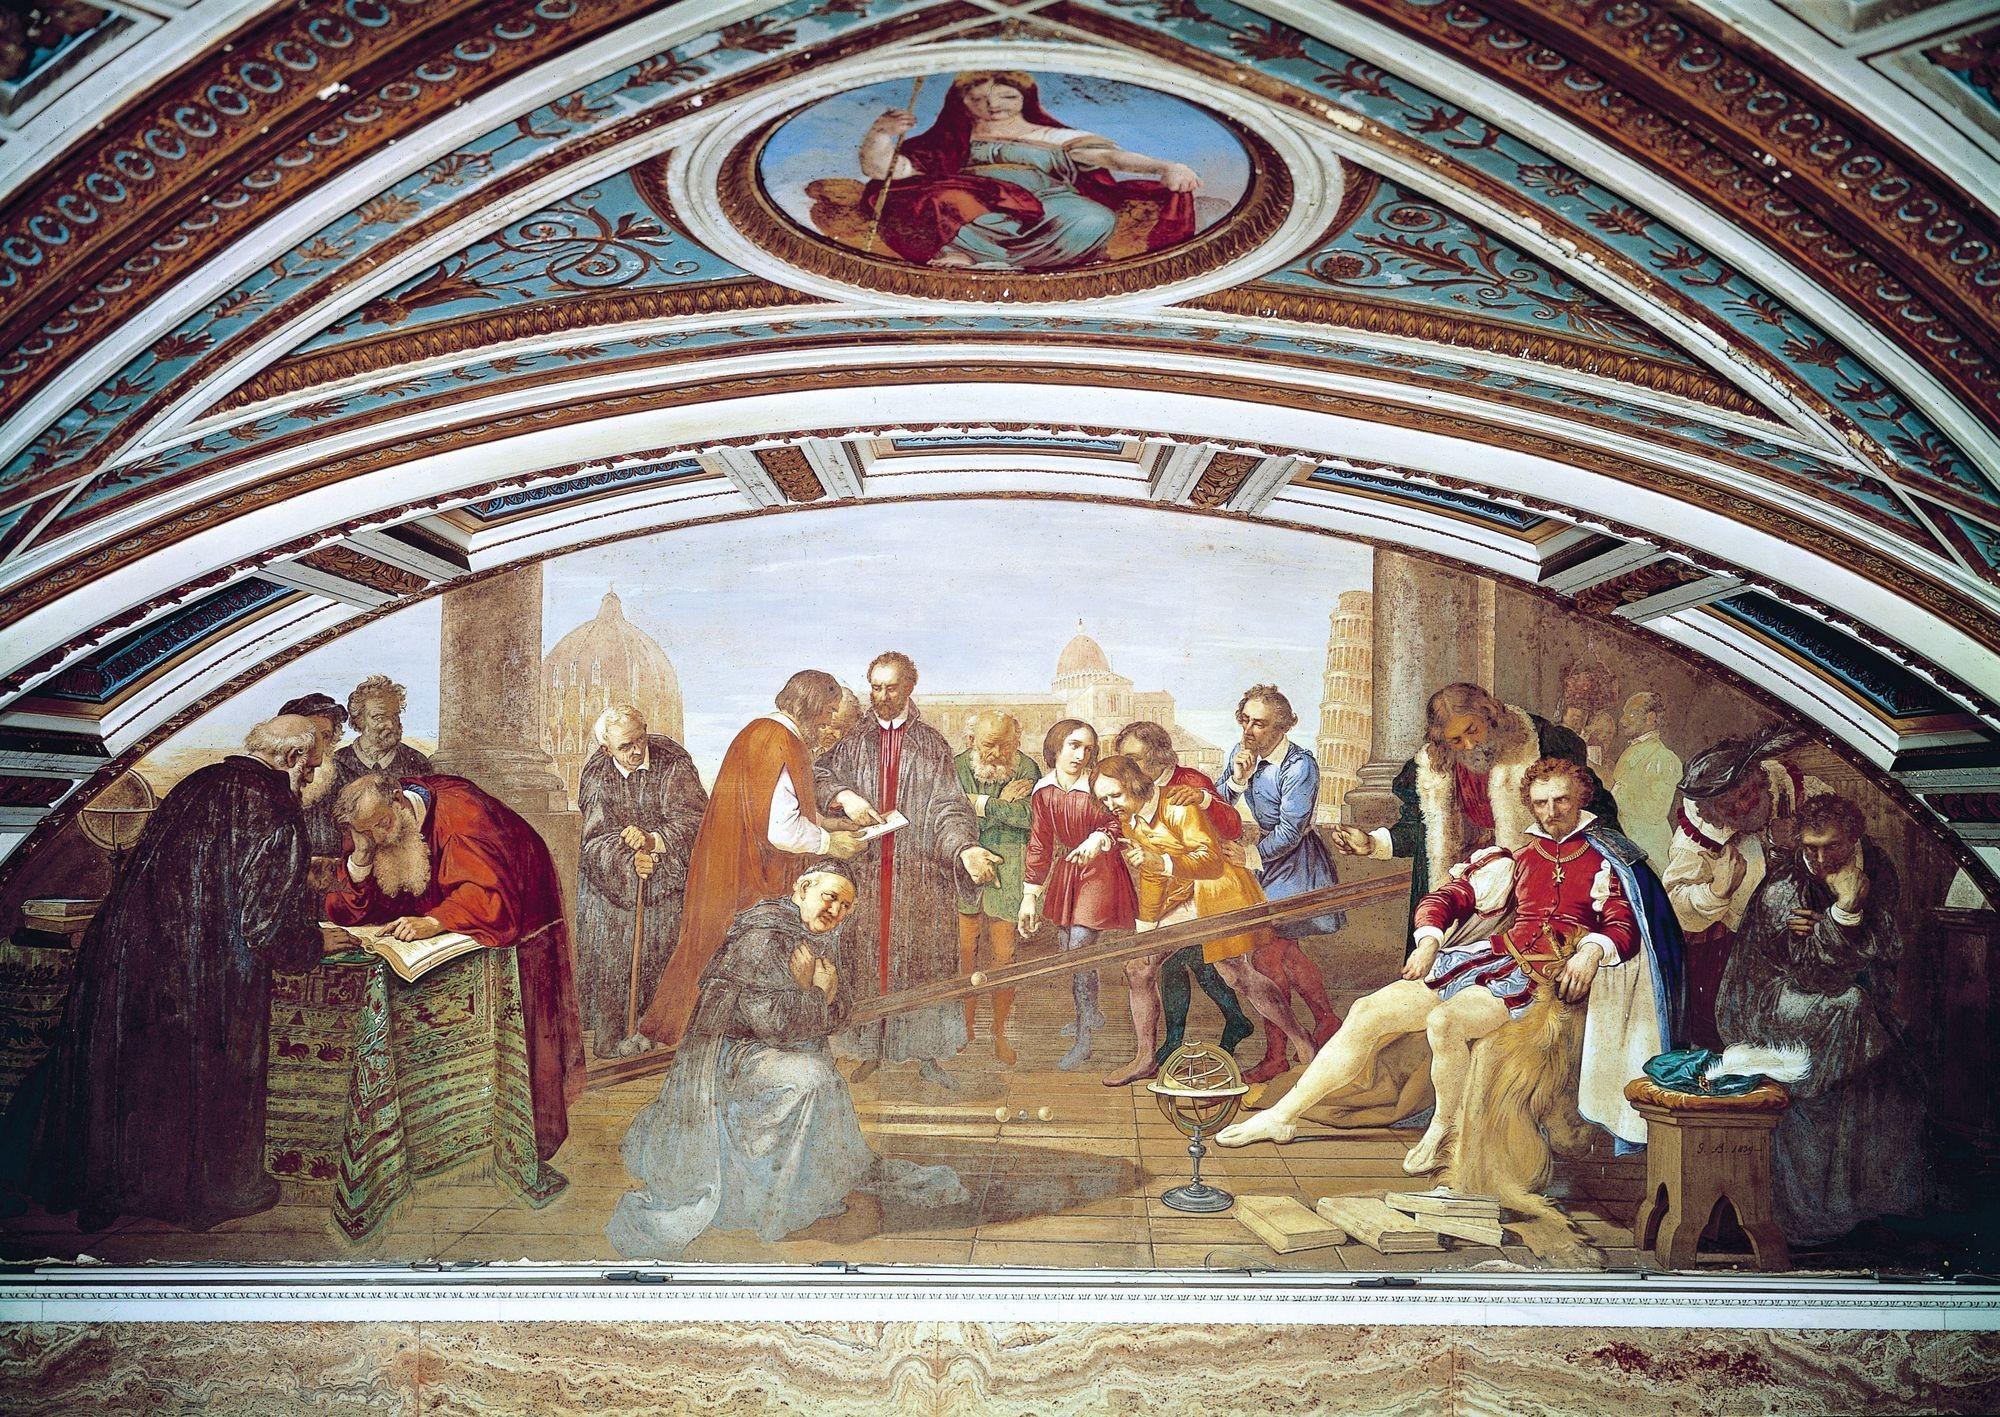 Giuseppe Bezzuoli, Galilée démontrant la loi de la chute des corps à Don Giovanni de Medici, 1843, fresque, musée zoologique La Specola, Florence.